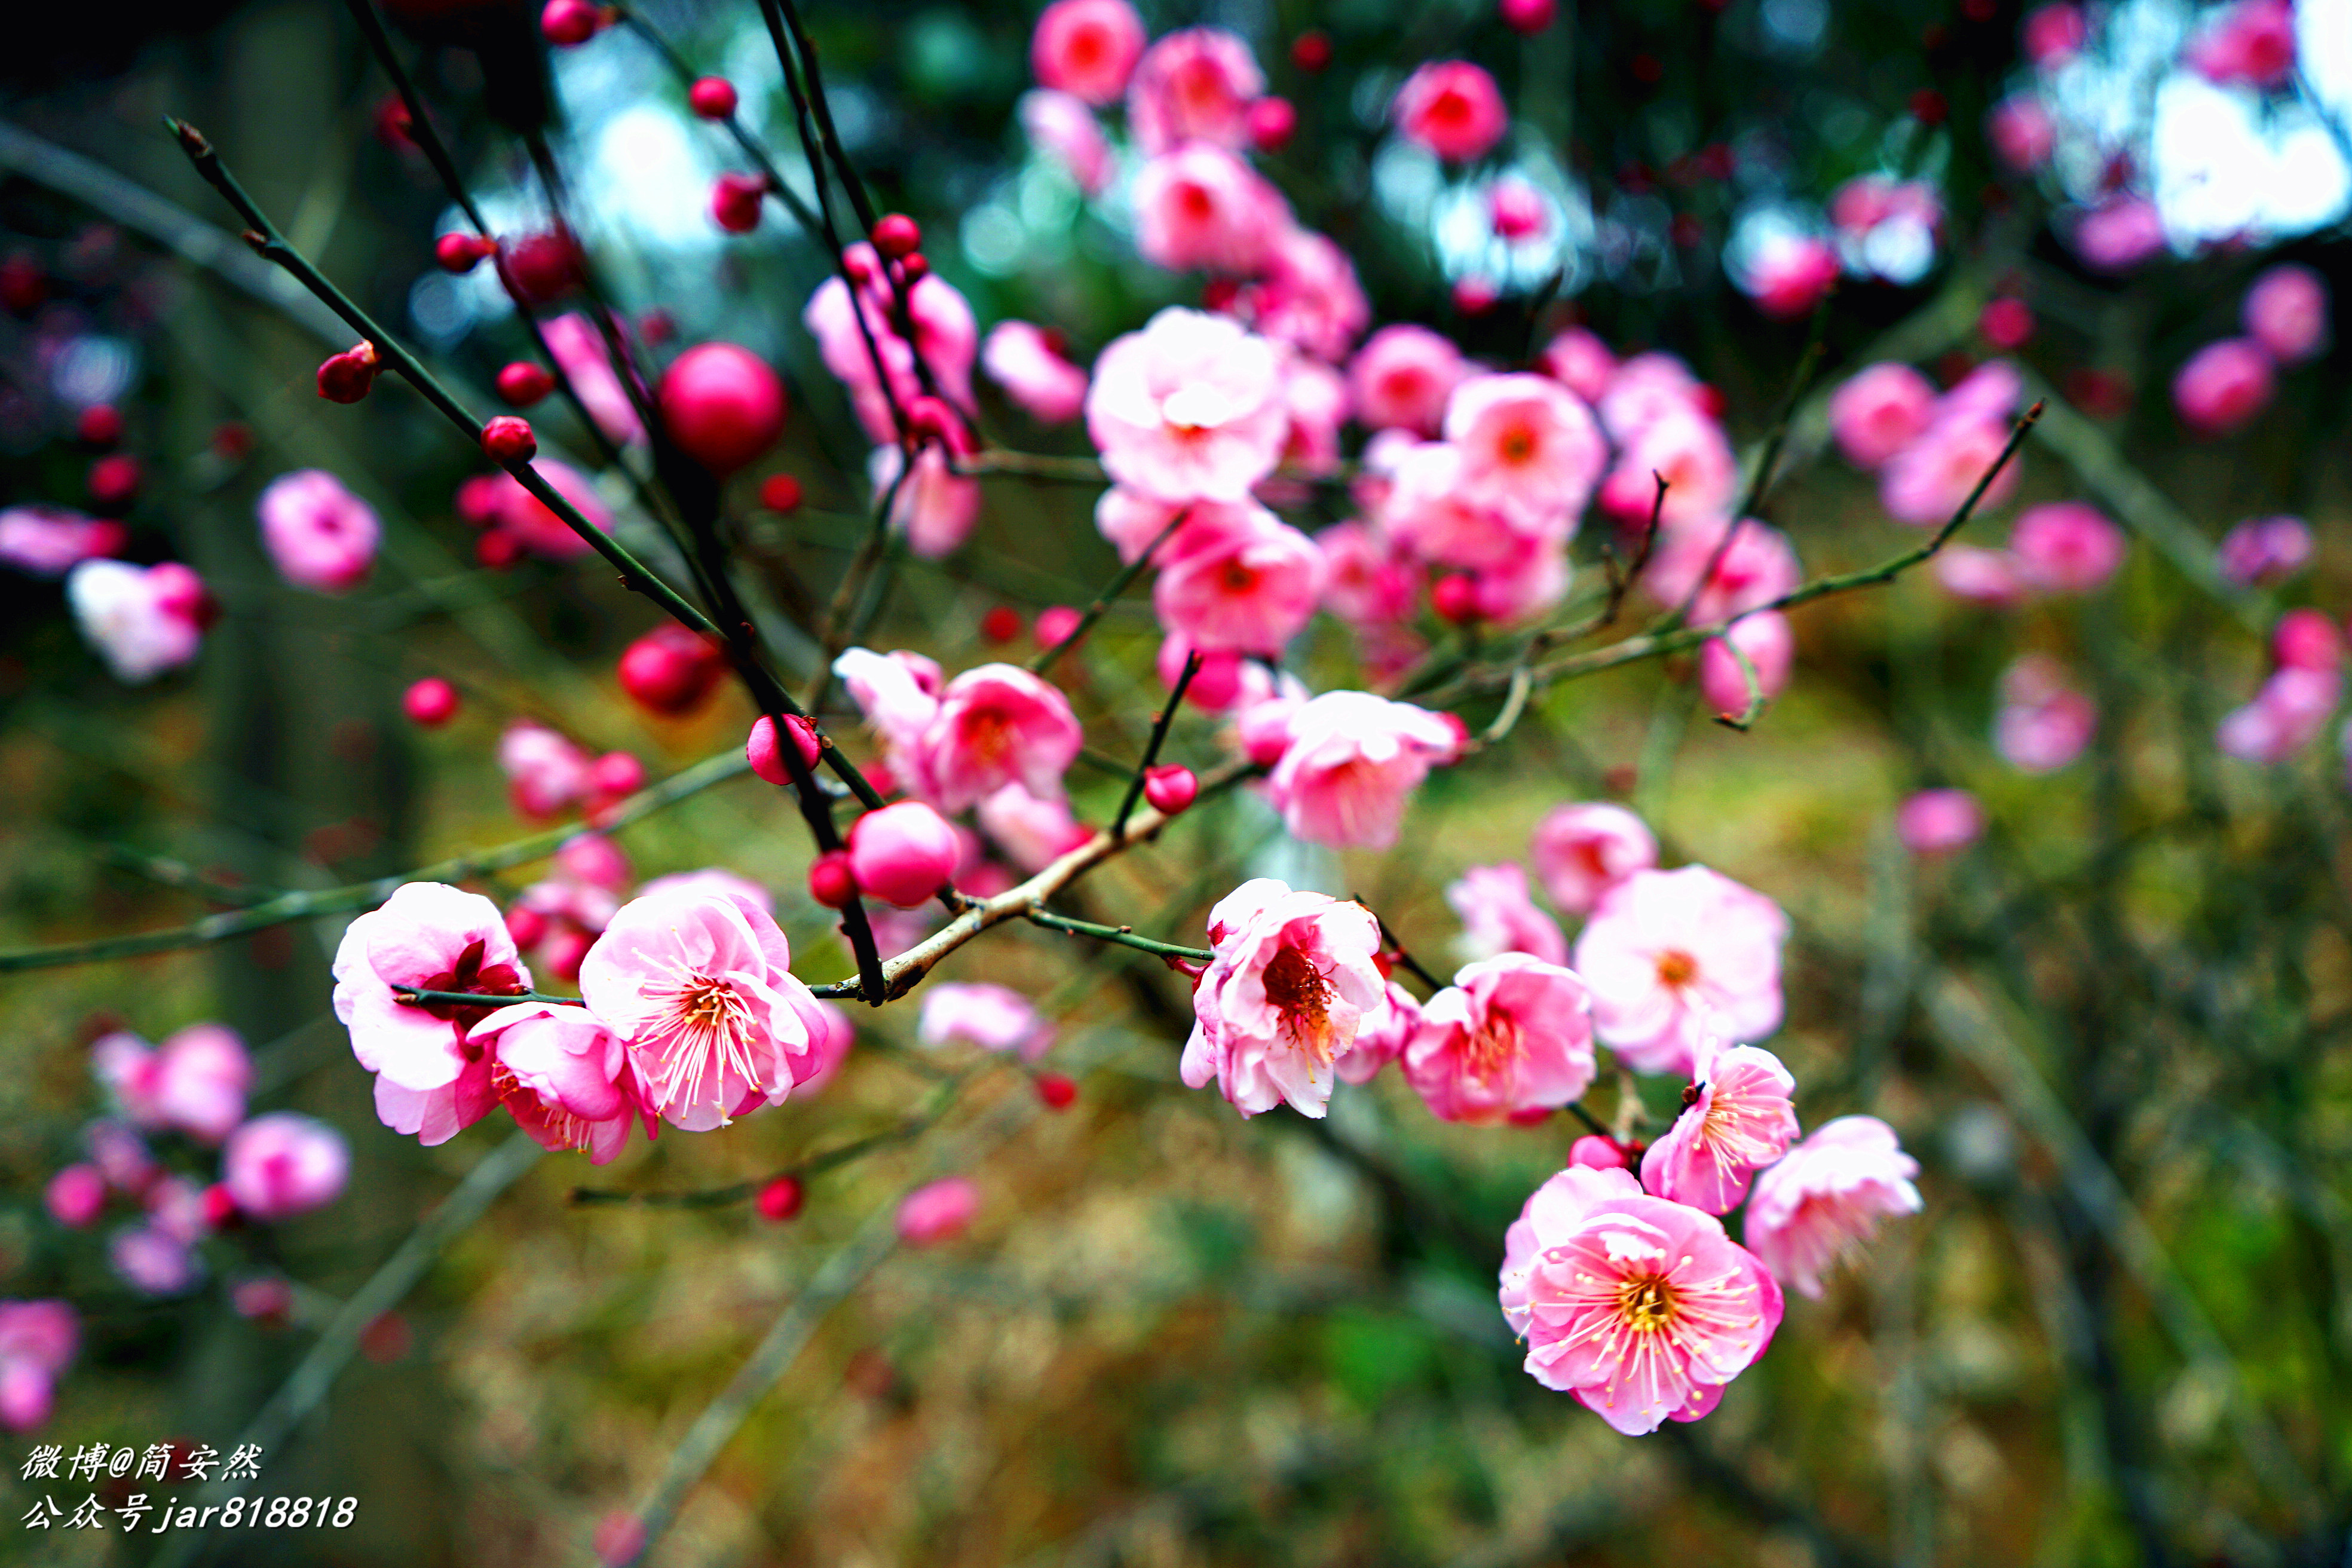 武汉花乡茶谷寒梅花开早,云蒸霞蔚赏花正当时